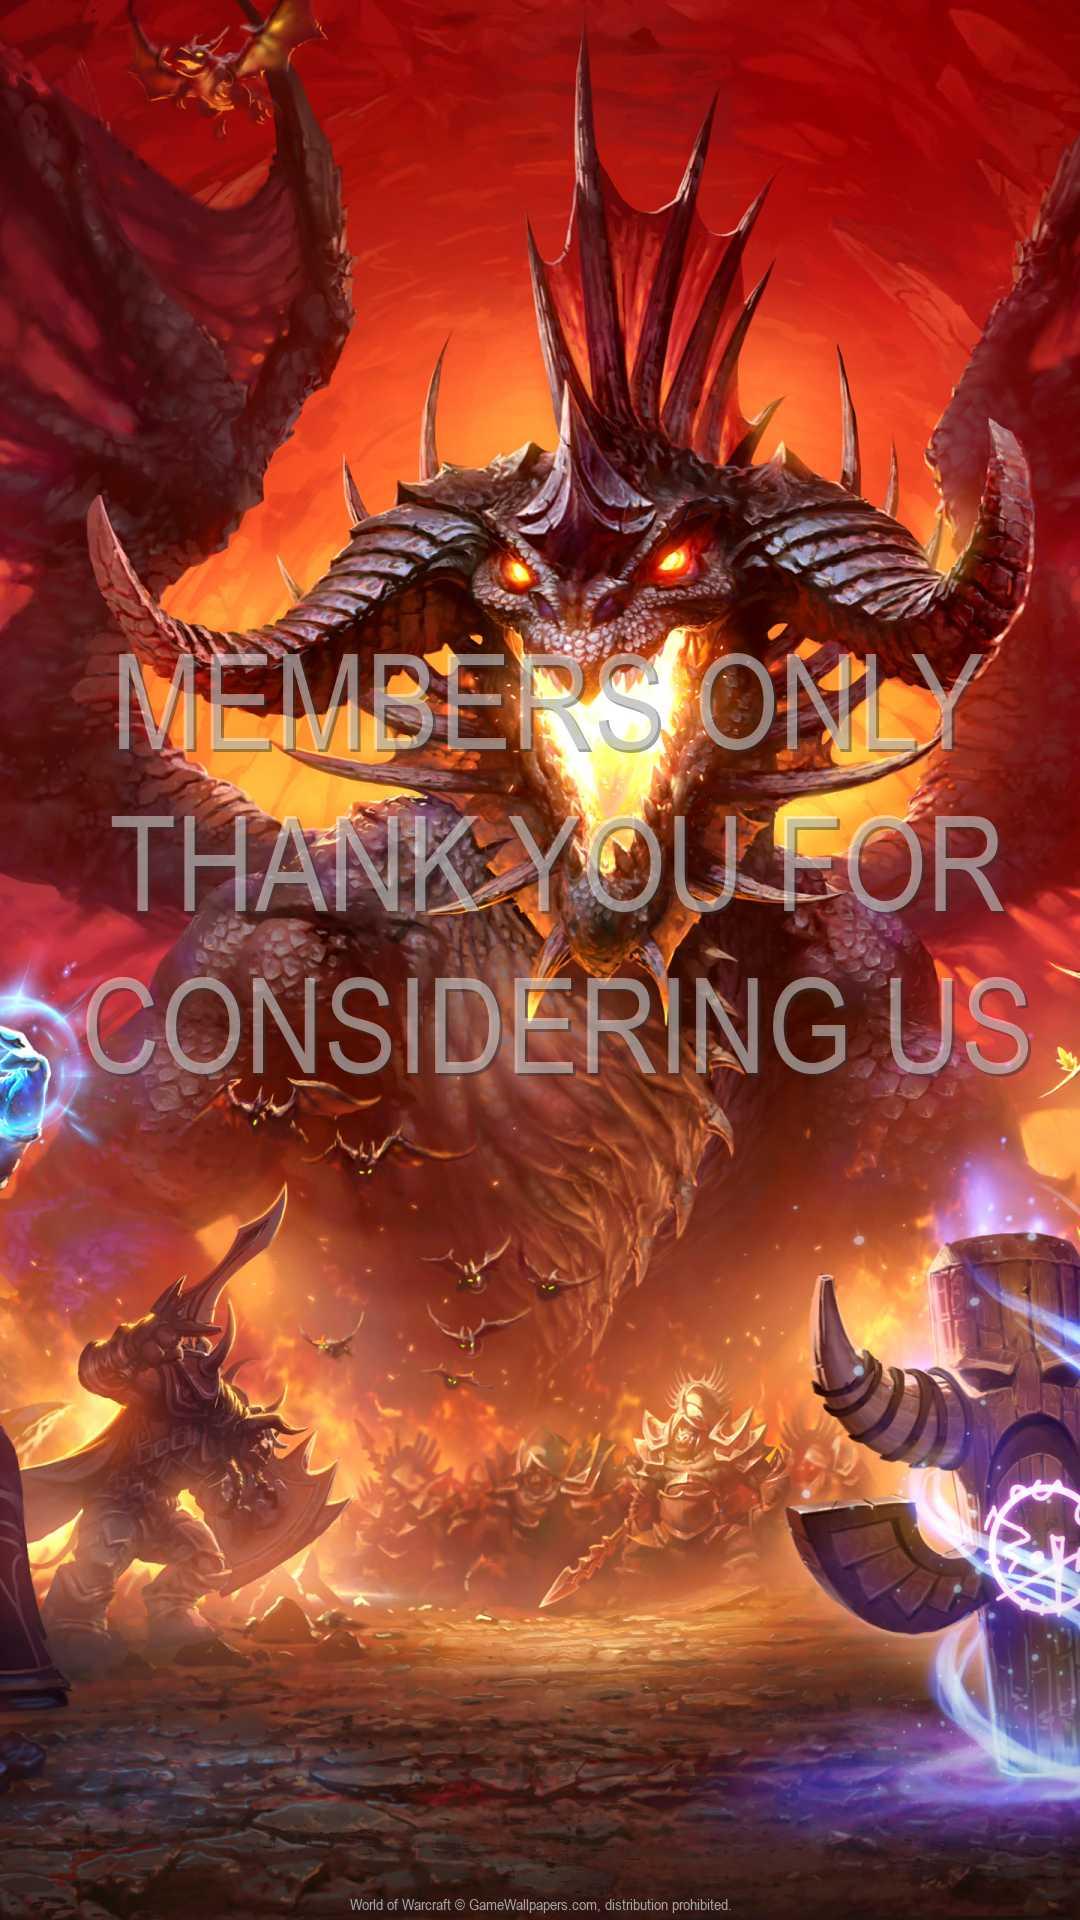 World of Warcraft 1080p Vertical Móvil fondo de escritorio 19